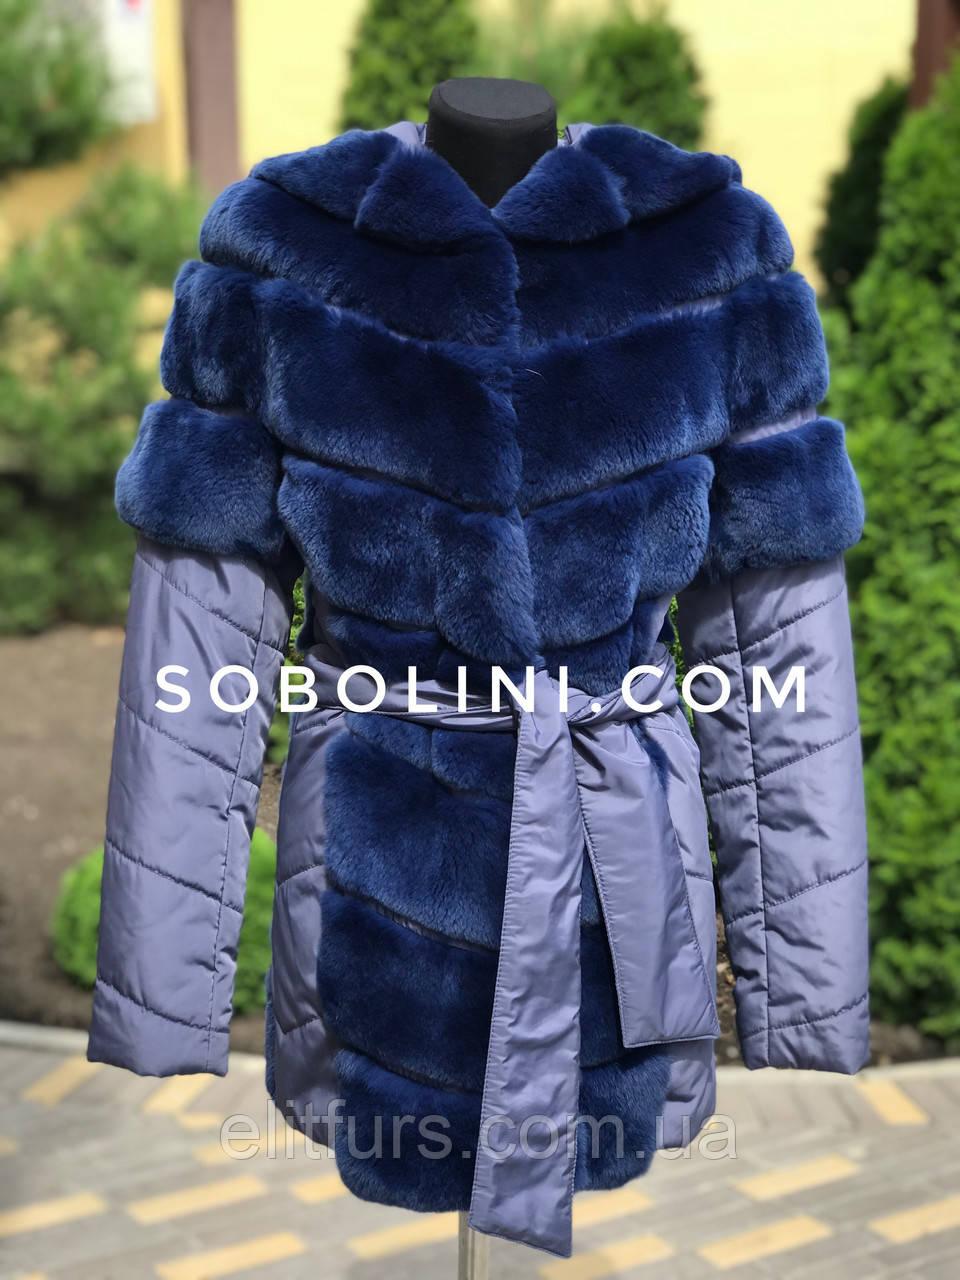 Куртка из кролика рекса, рукава отстегиваются